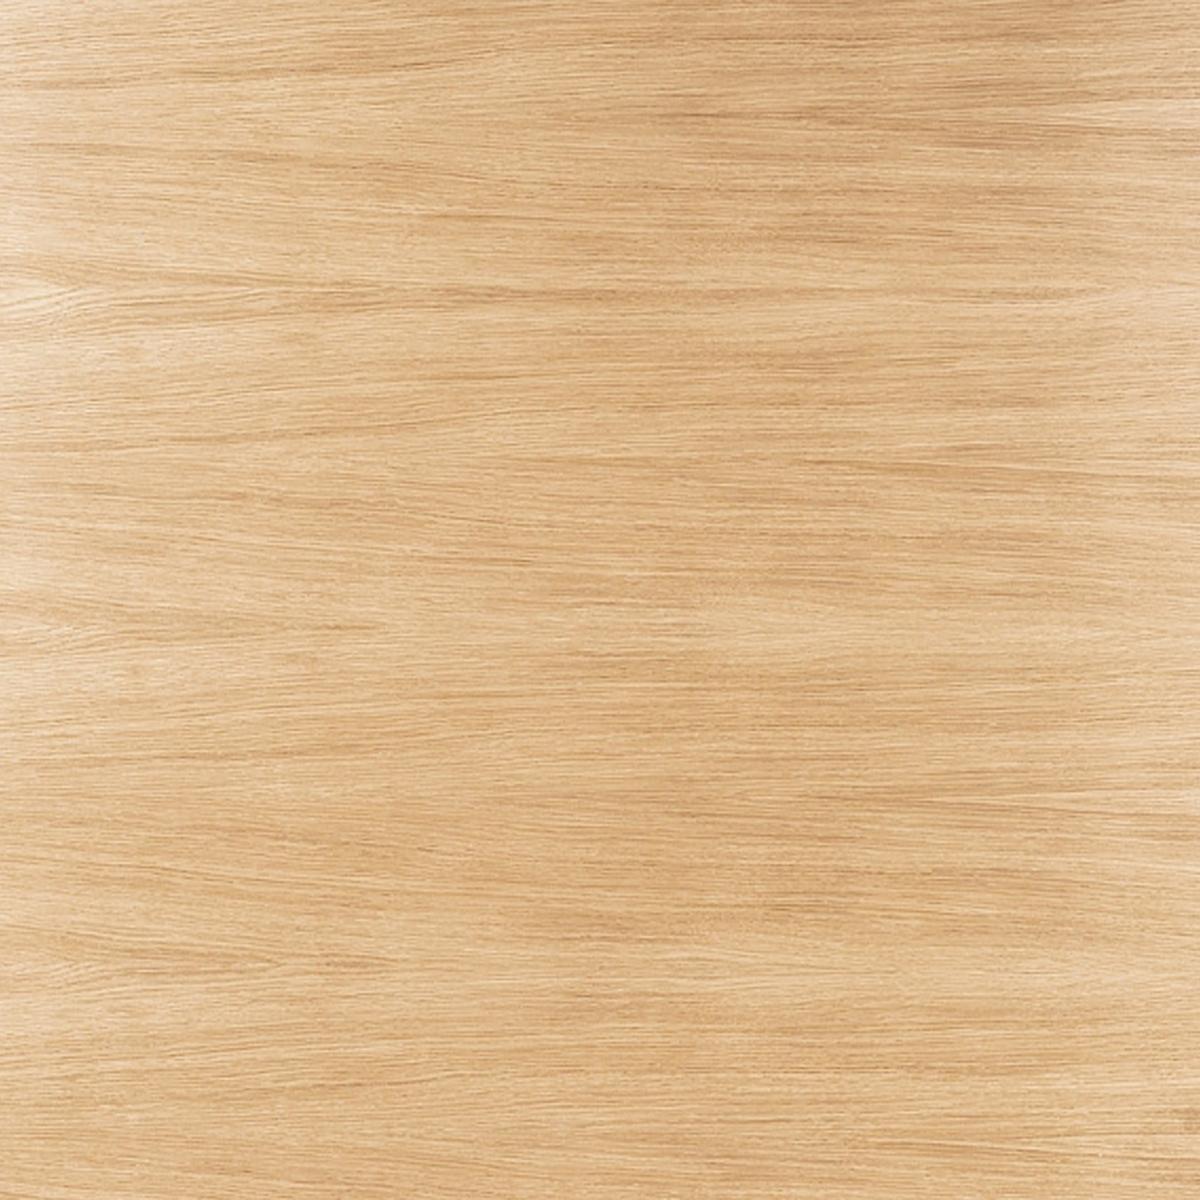 Esstisch Furnier 504145-1